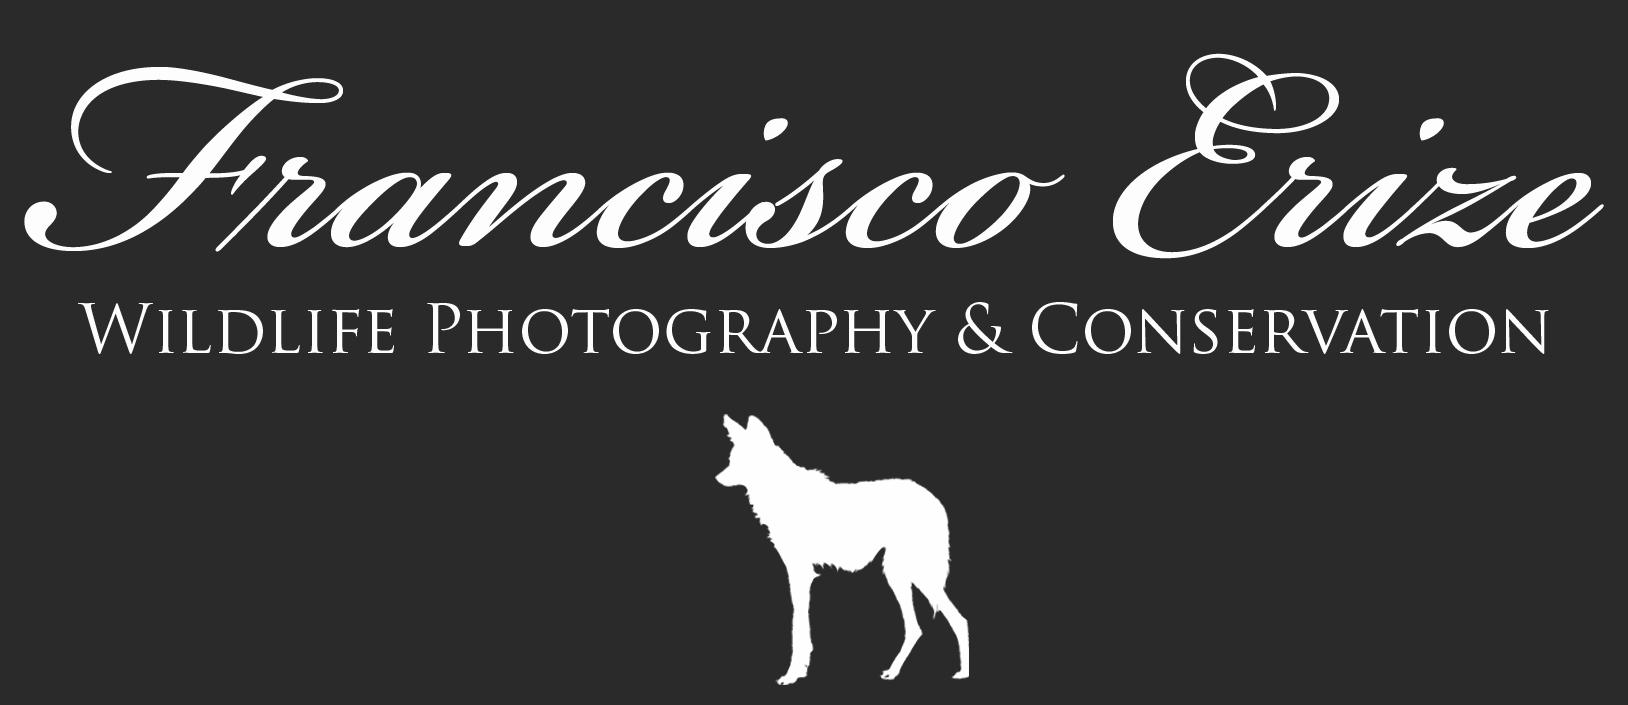 Francisco Erize Wildlife Photography & Conservation